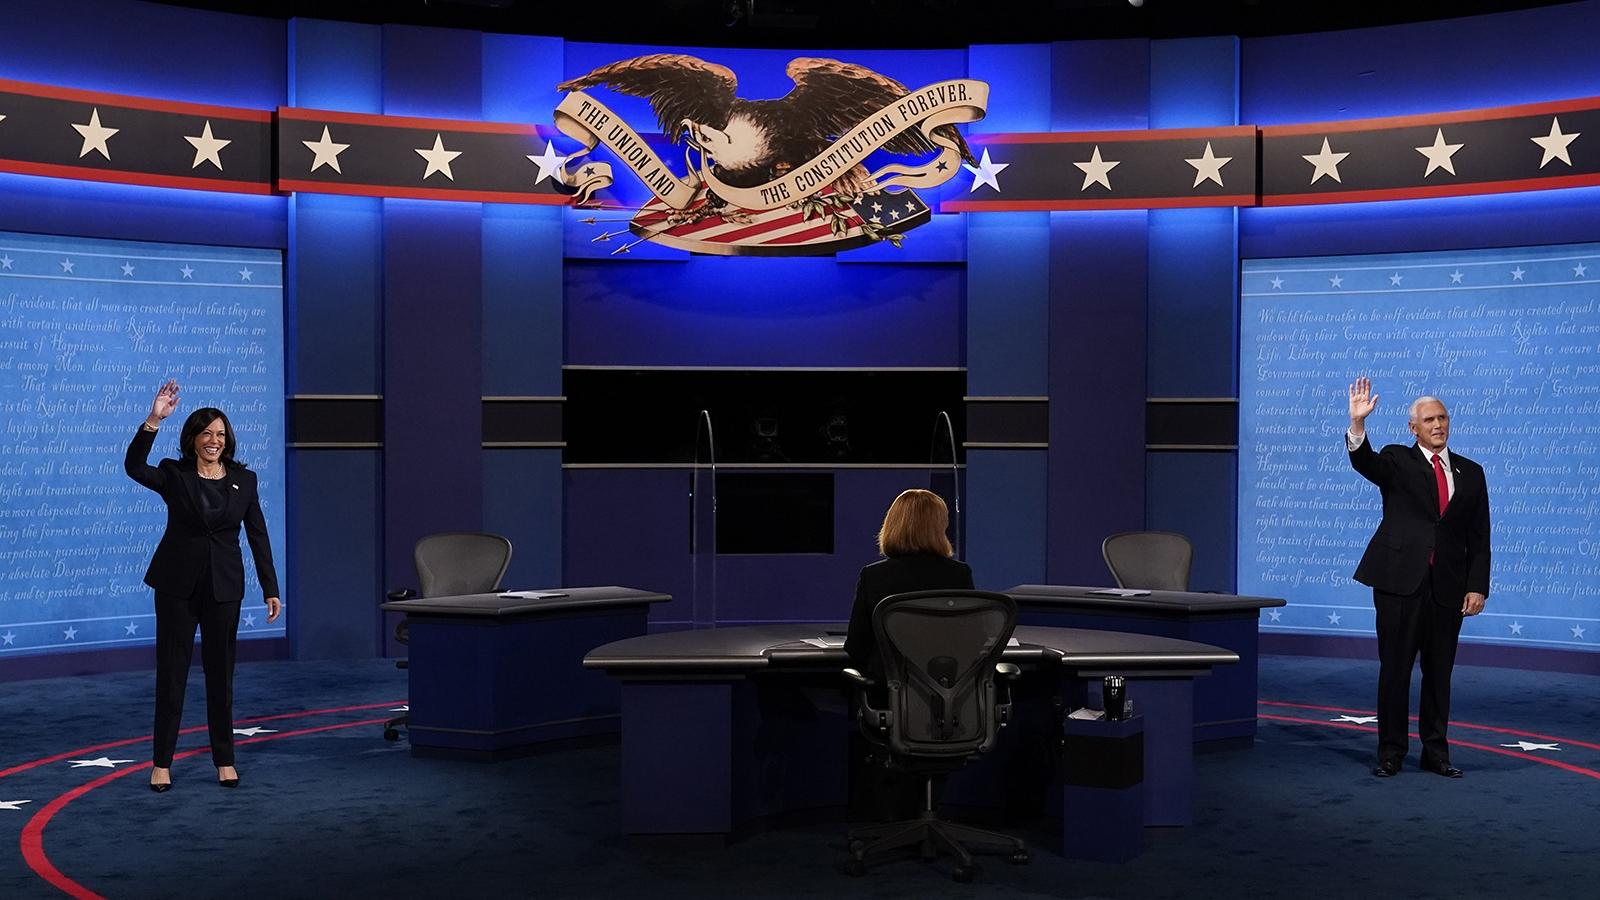 Toàn cảnh cuộc tranh luận phó tổng thống duy nhất Pence-Harris